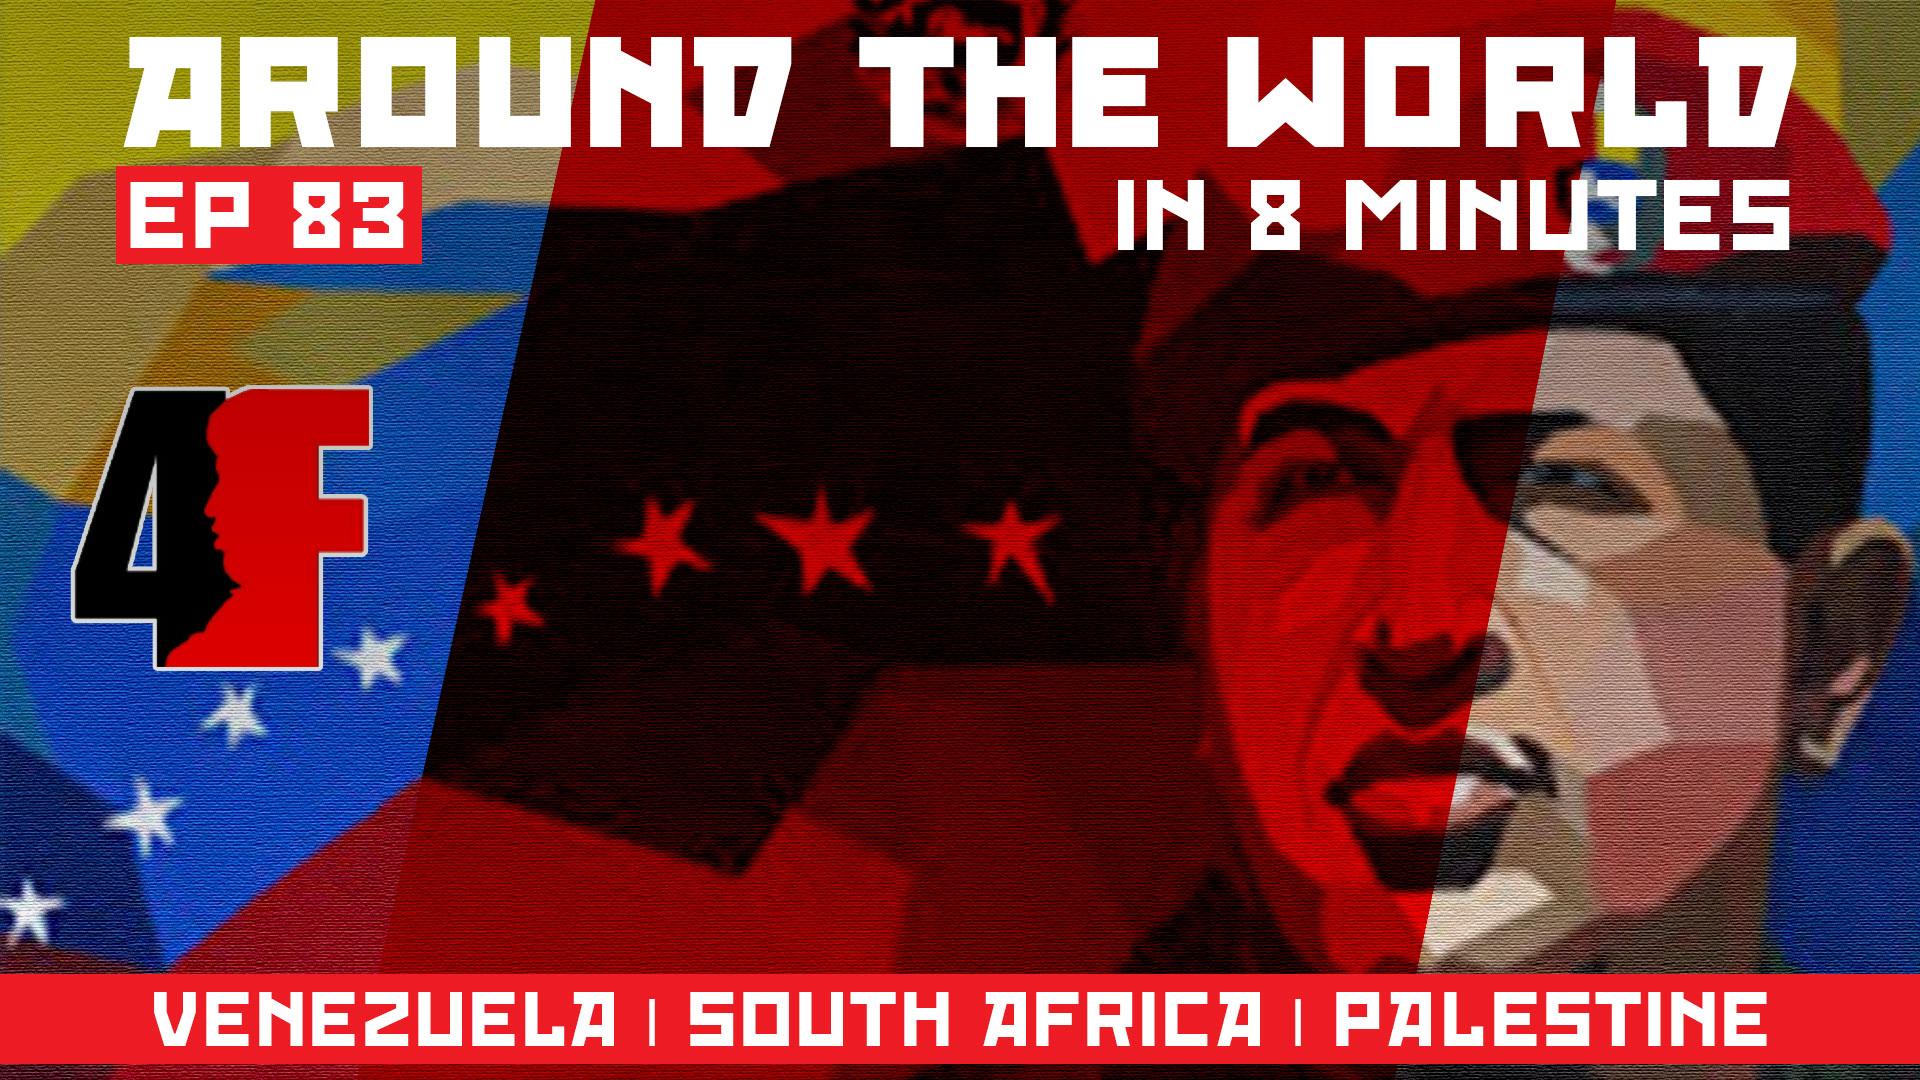 Around the world in 8 Mins_Venezuela South Africa Palestine_